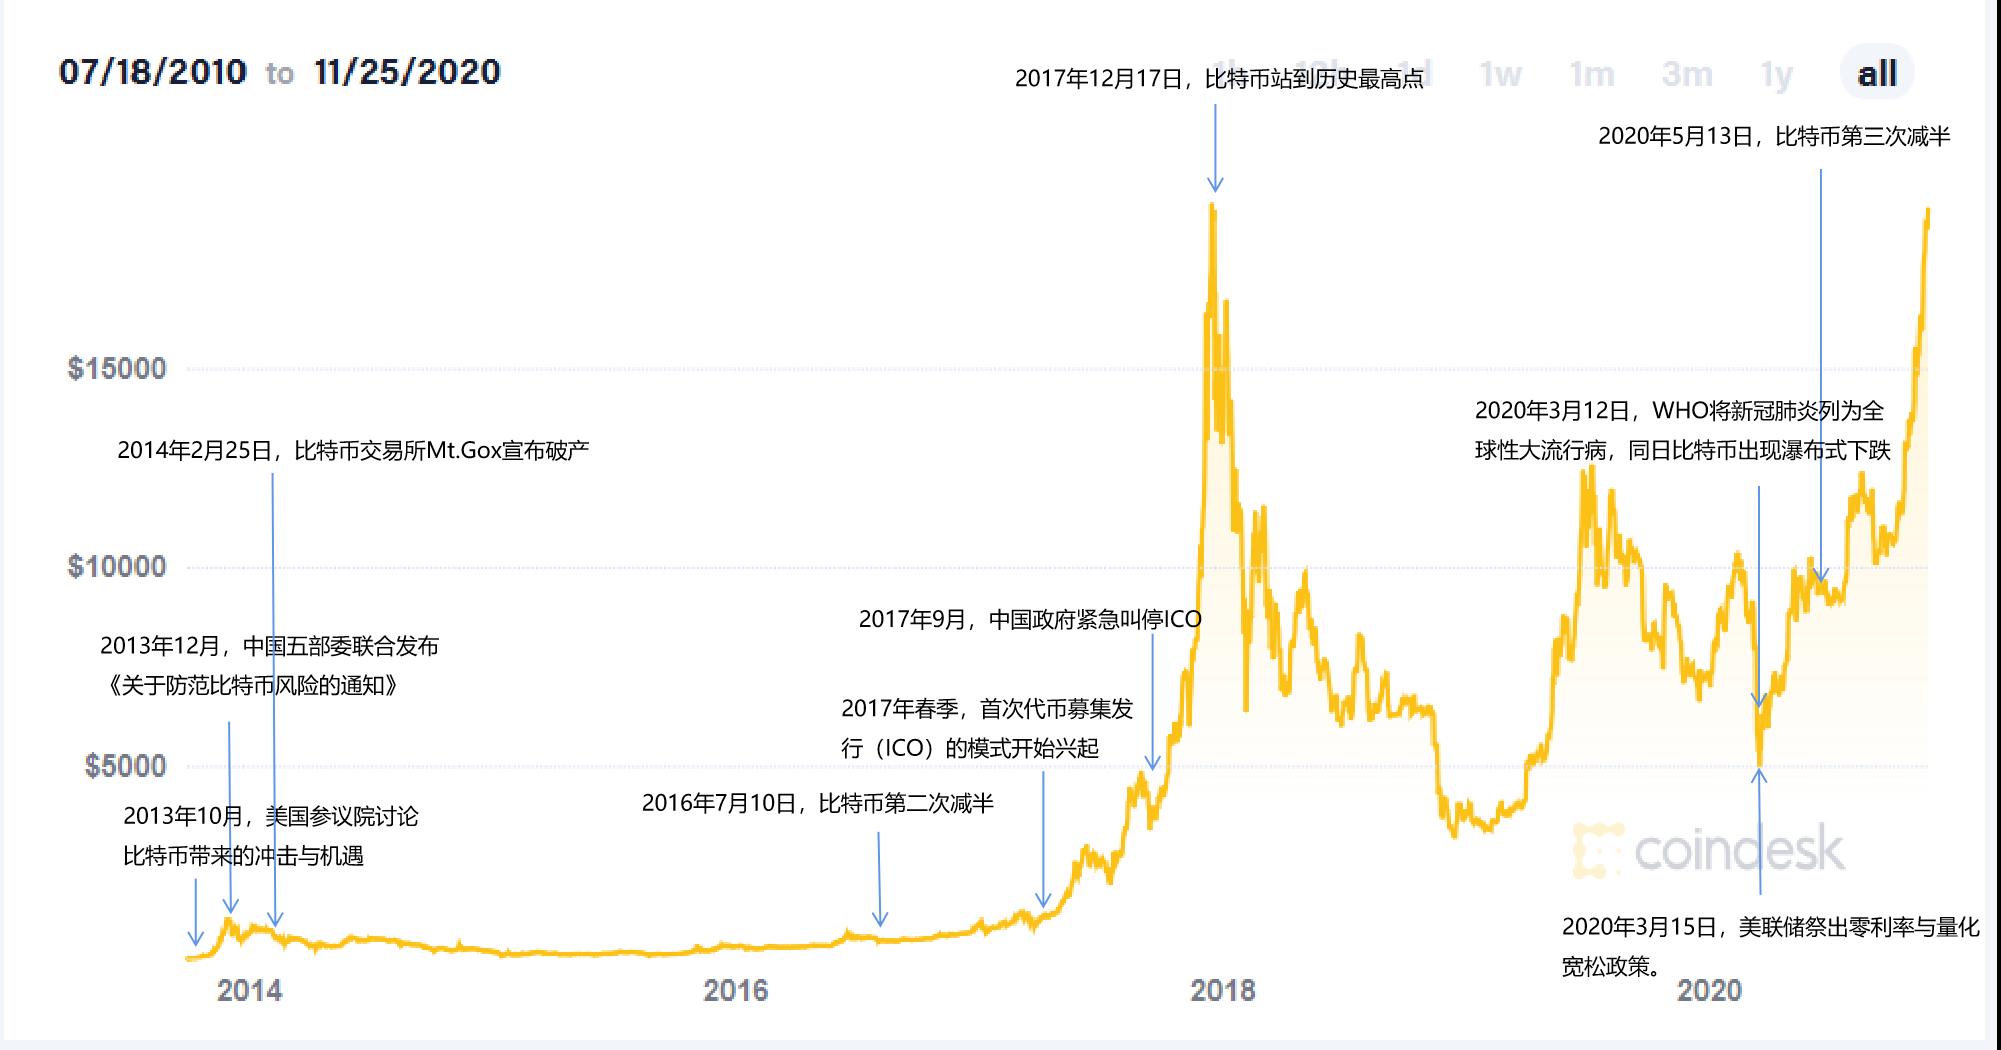 澎湃新闻:时隔3年比特币创历史新高!市值与摩根大通相当,后市怎么走